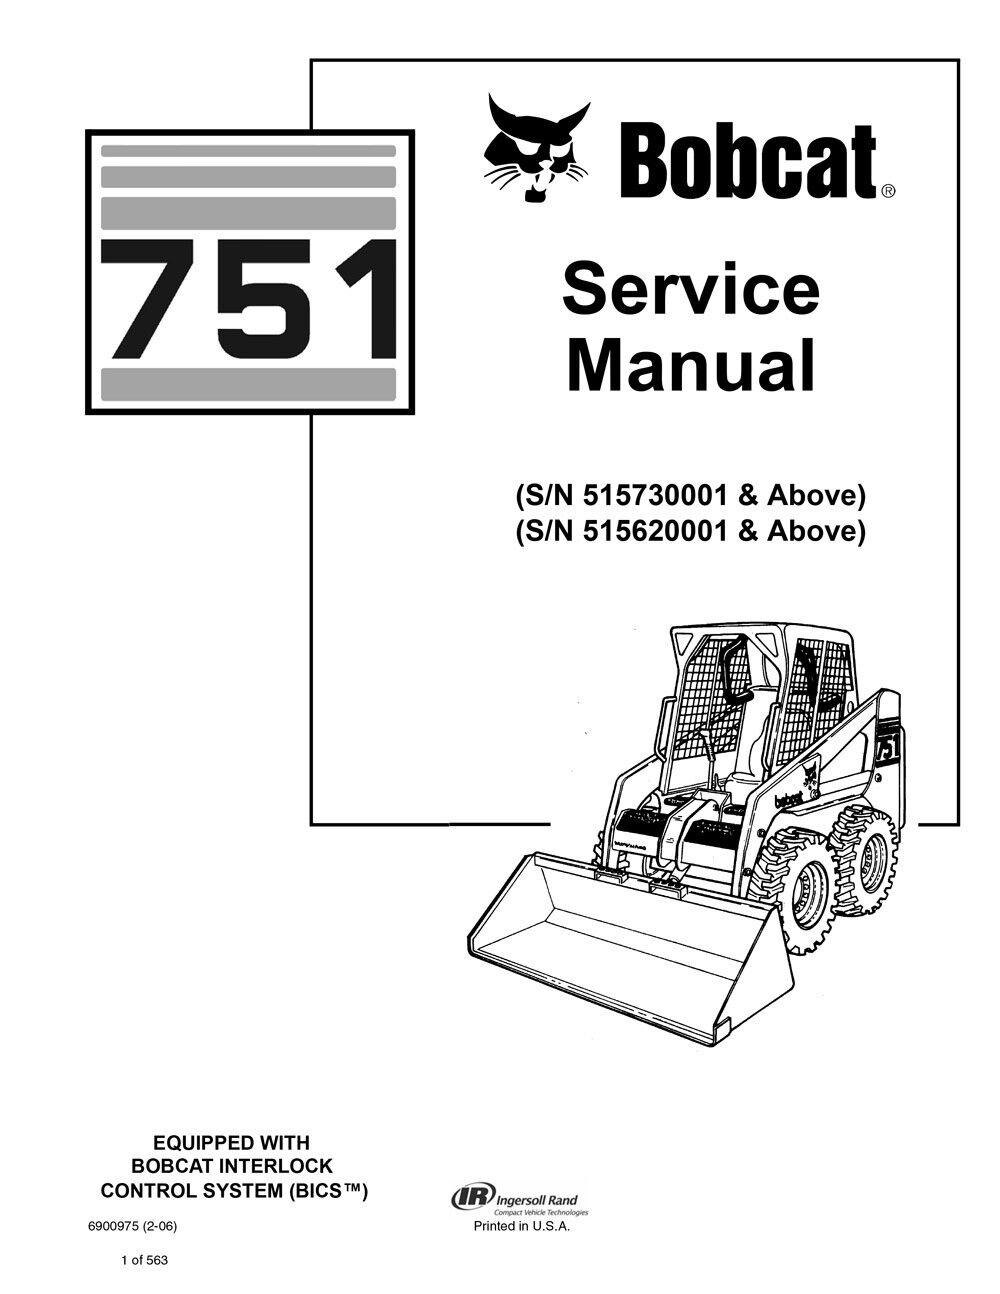 medium resolution of new bobcat 751 skid steer loader 2006 edition service repair manualbobcat 751 parts diagram 7